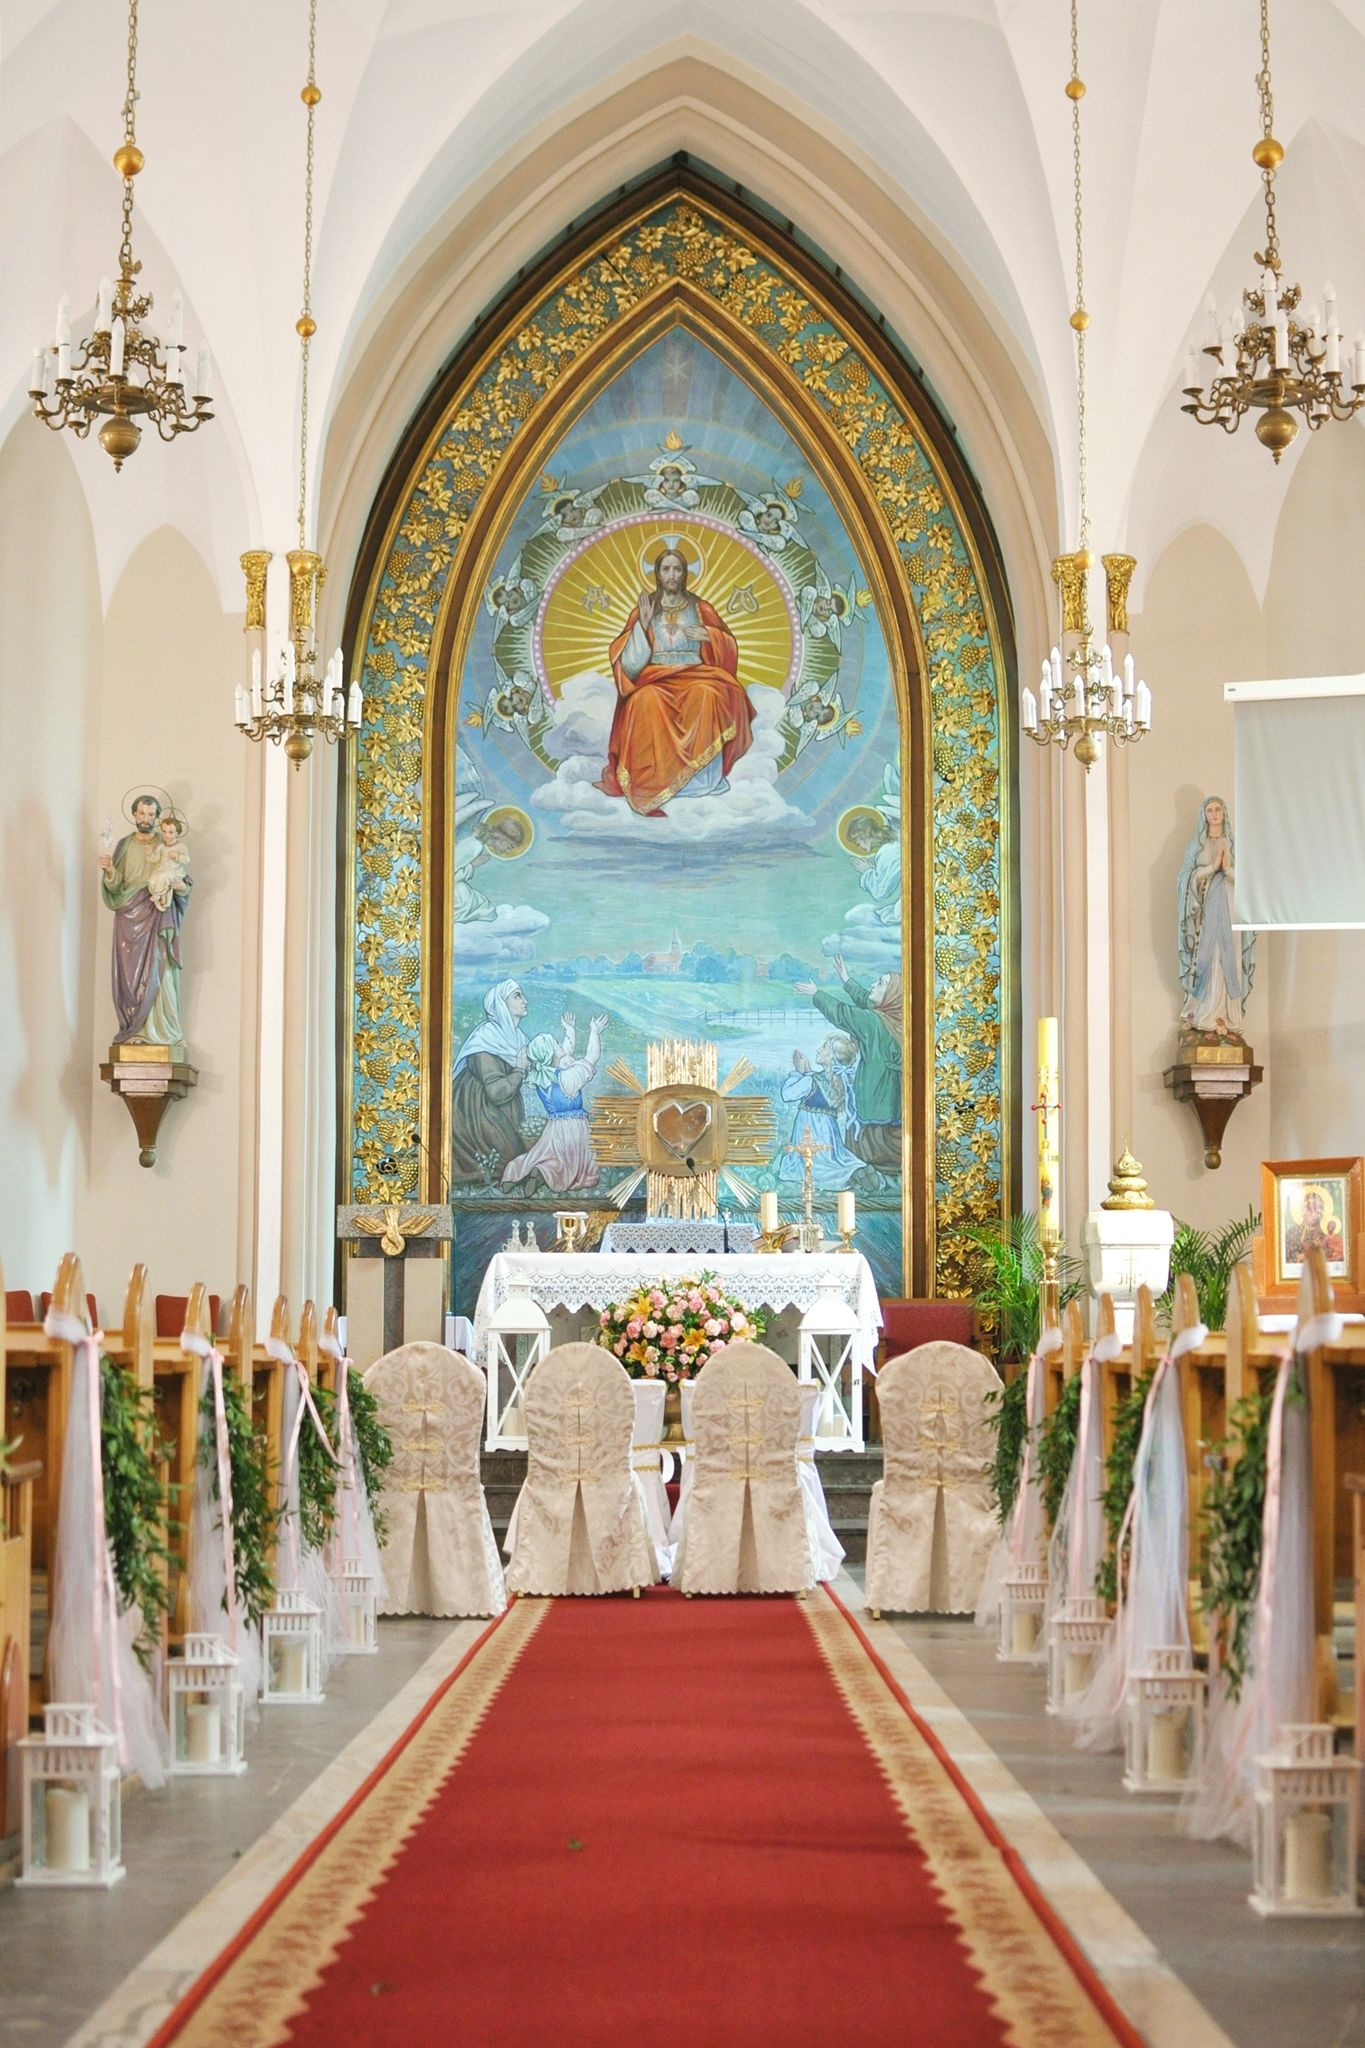 Dekoracja Kosciola Kolorowy Slub Zielen Brzoskwiniowe Kwiaty Wedding Ceremony Decoration Church Table Decorations Home Decor Decor